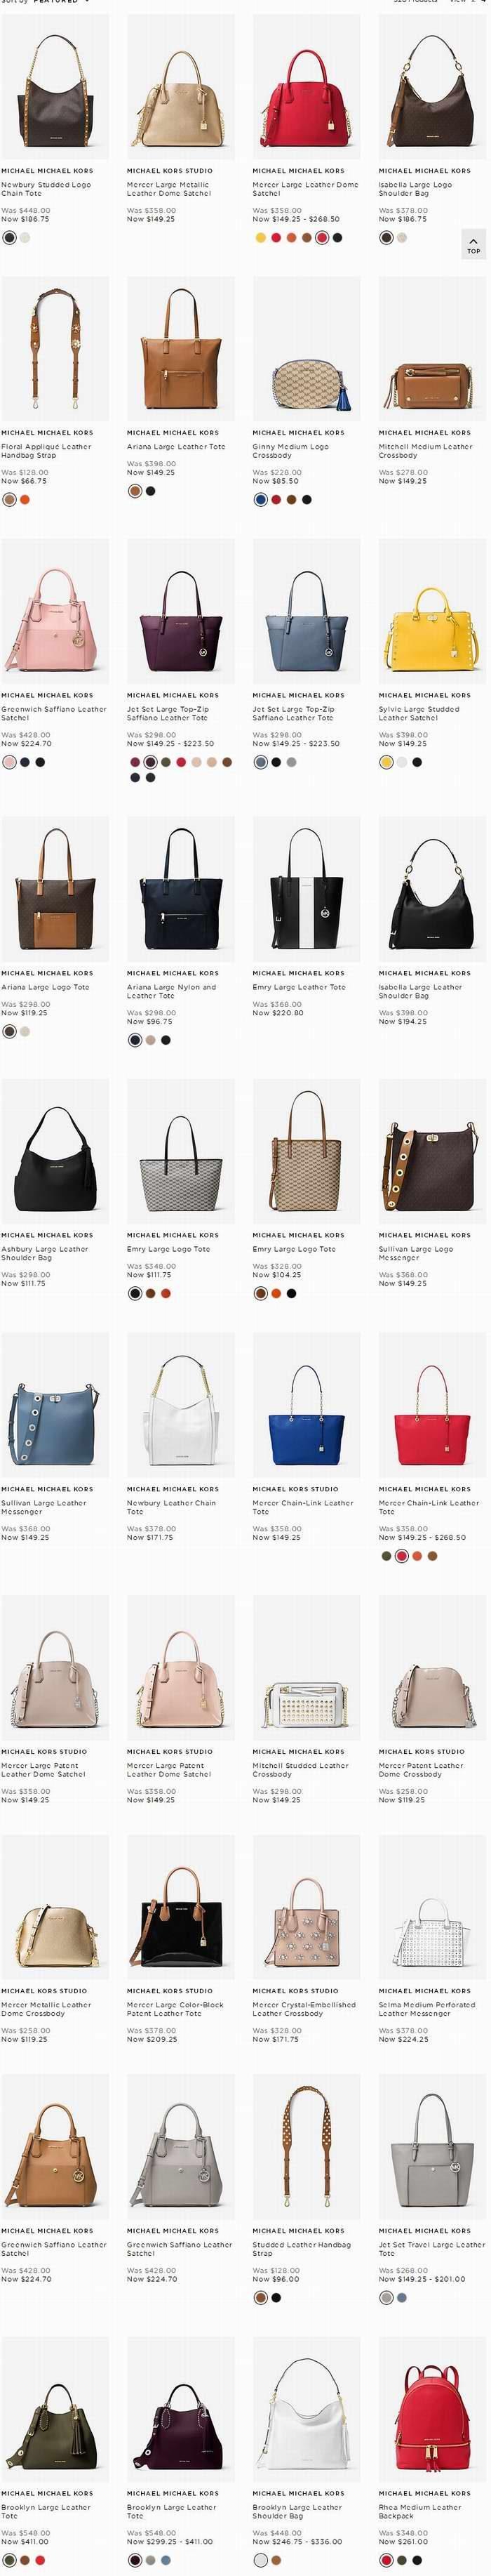 Michael Kors 美包、美衣、美鞋、首饰特卖+额外7.5折!折后低至3折!部分新款也打折!